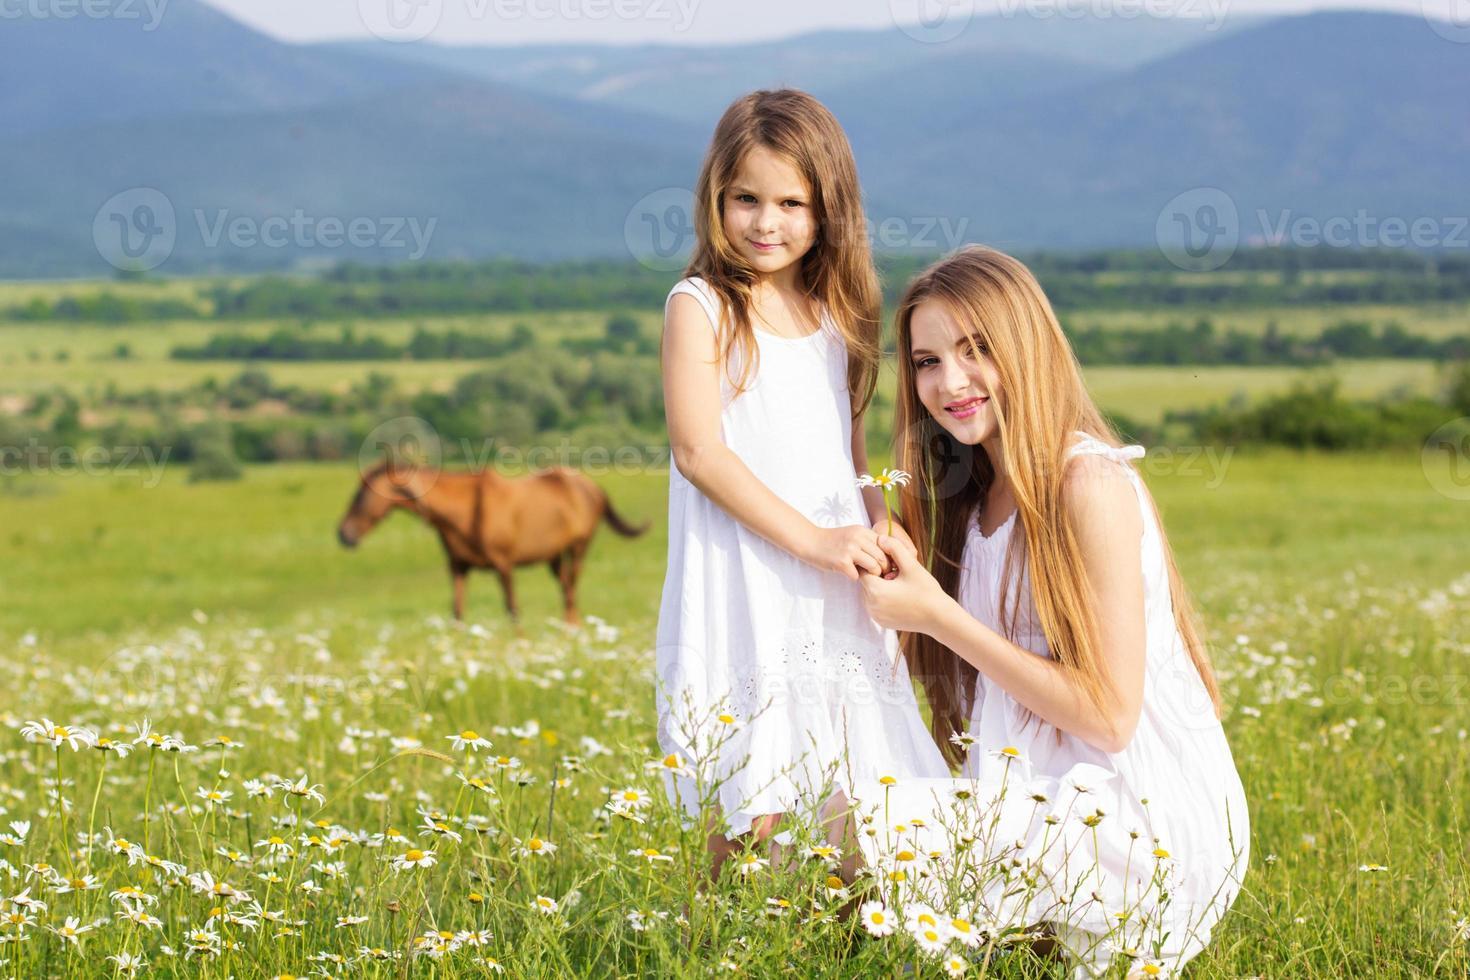 dos hermanas bonitas en el prado de manzanillas foto